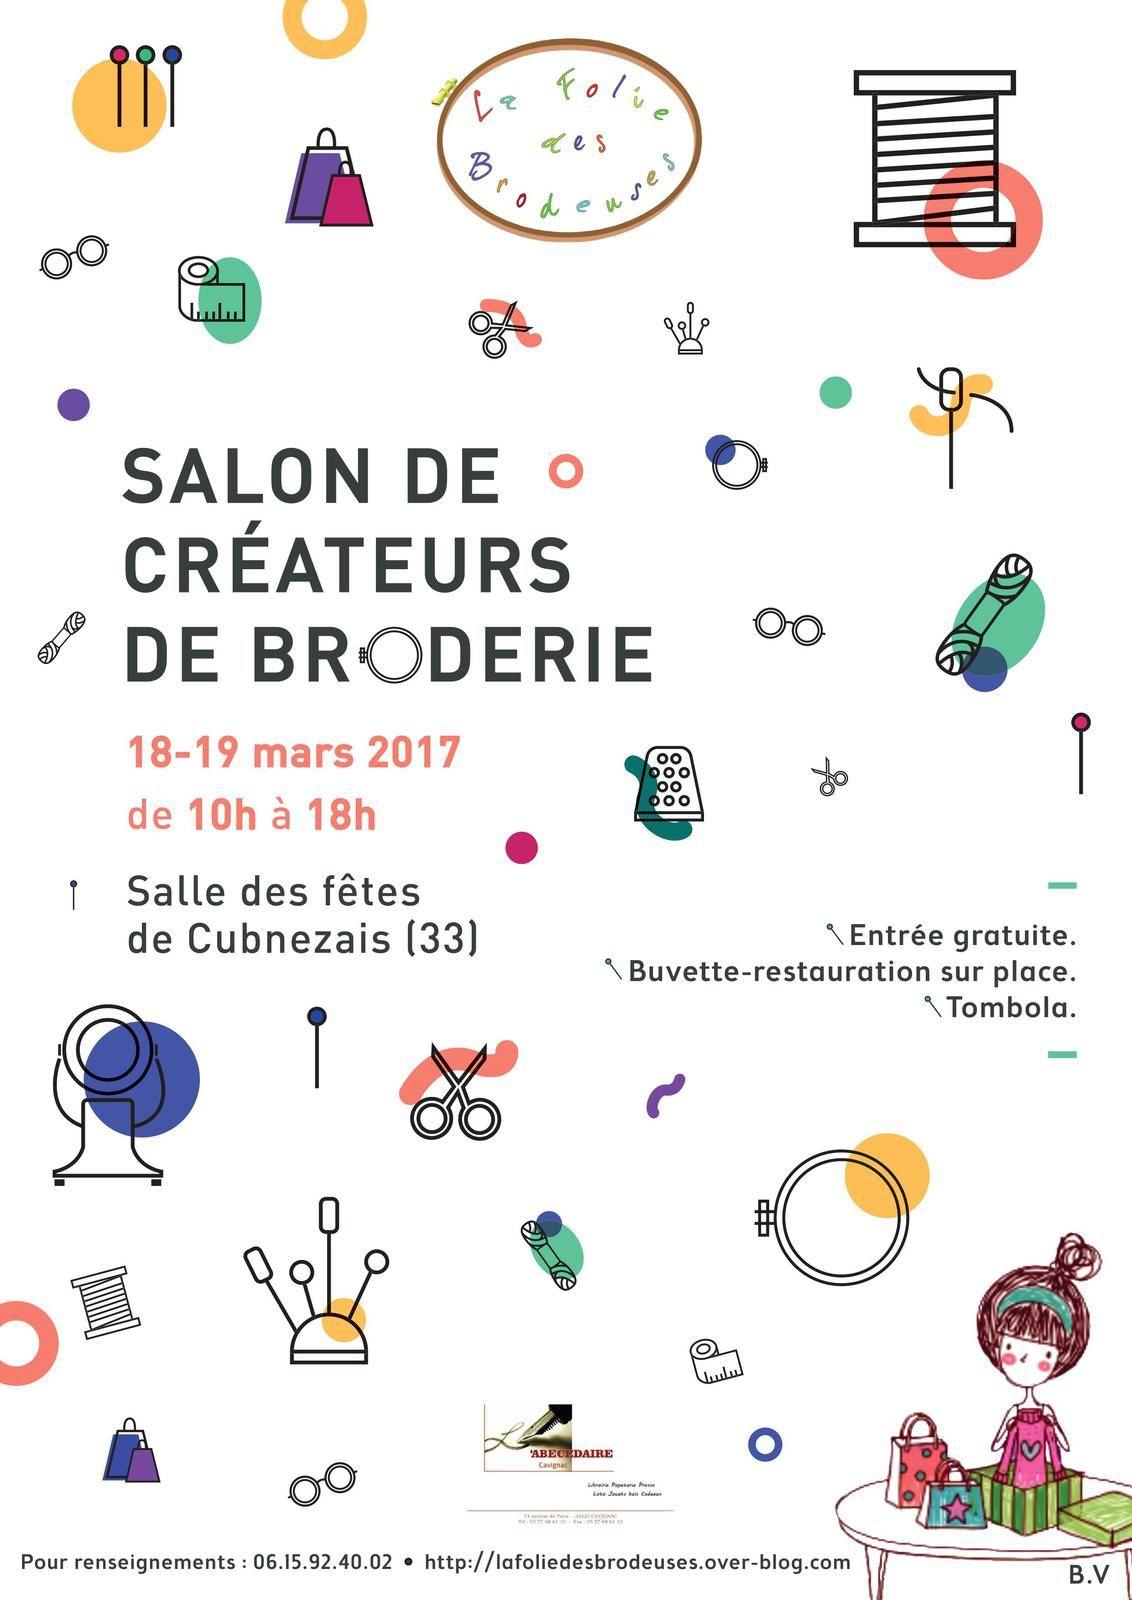 SALON DES CREATEURS DE BRODERIE 2017